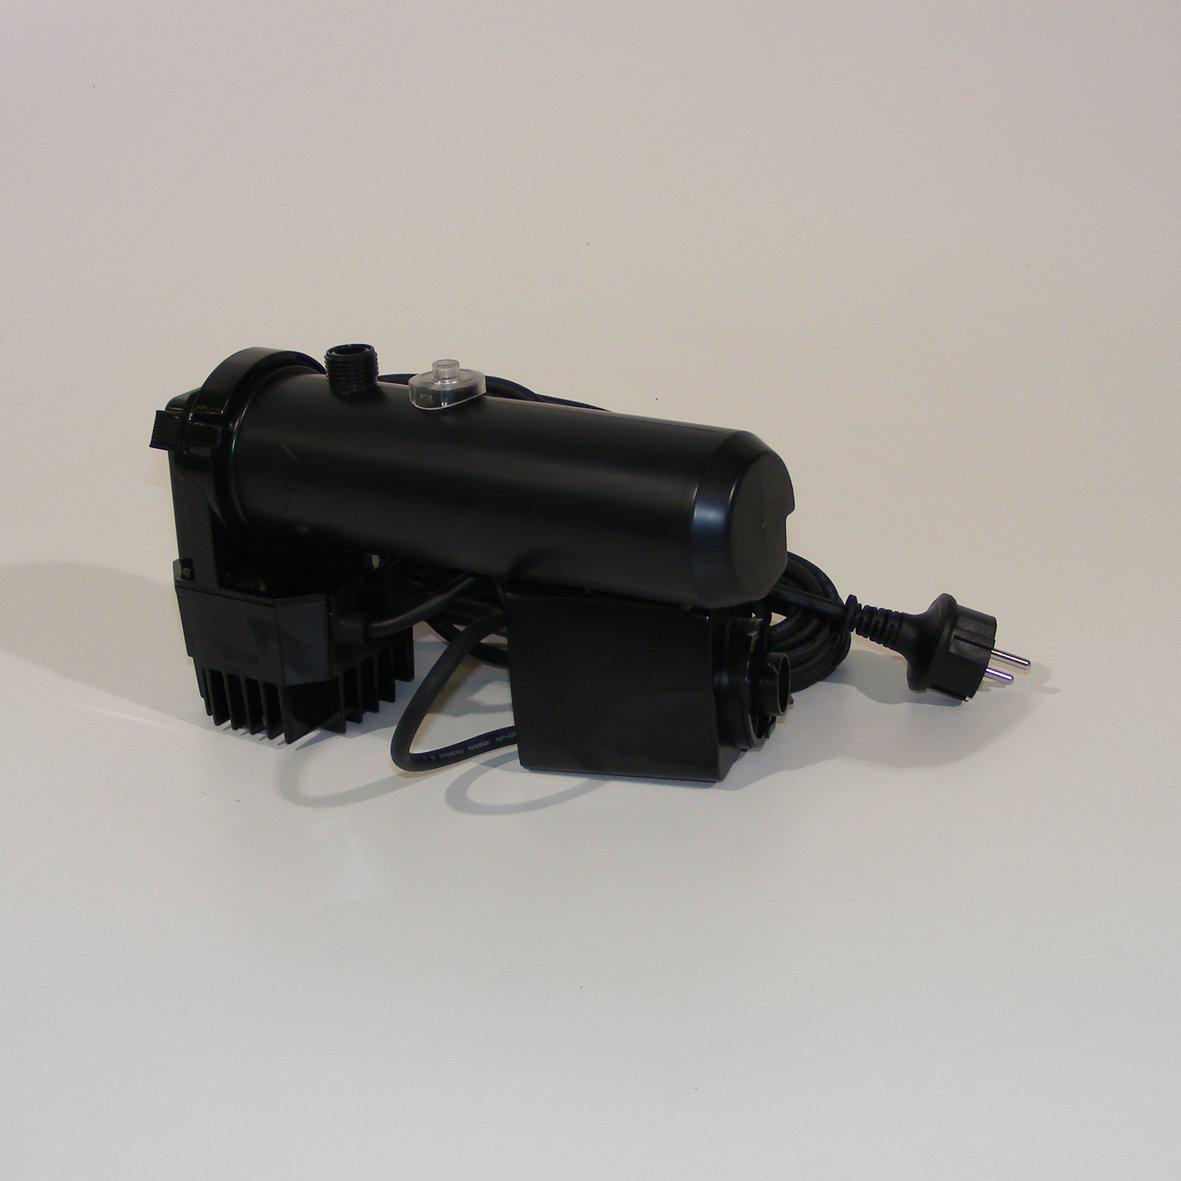 OASE 35874 Ersatz UVC-Pumpe Filtral UVC 5000